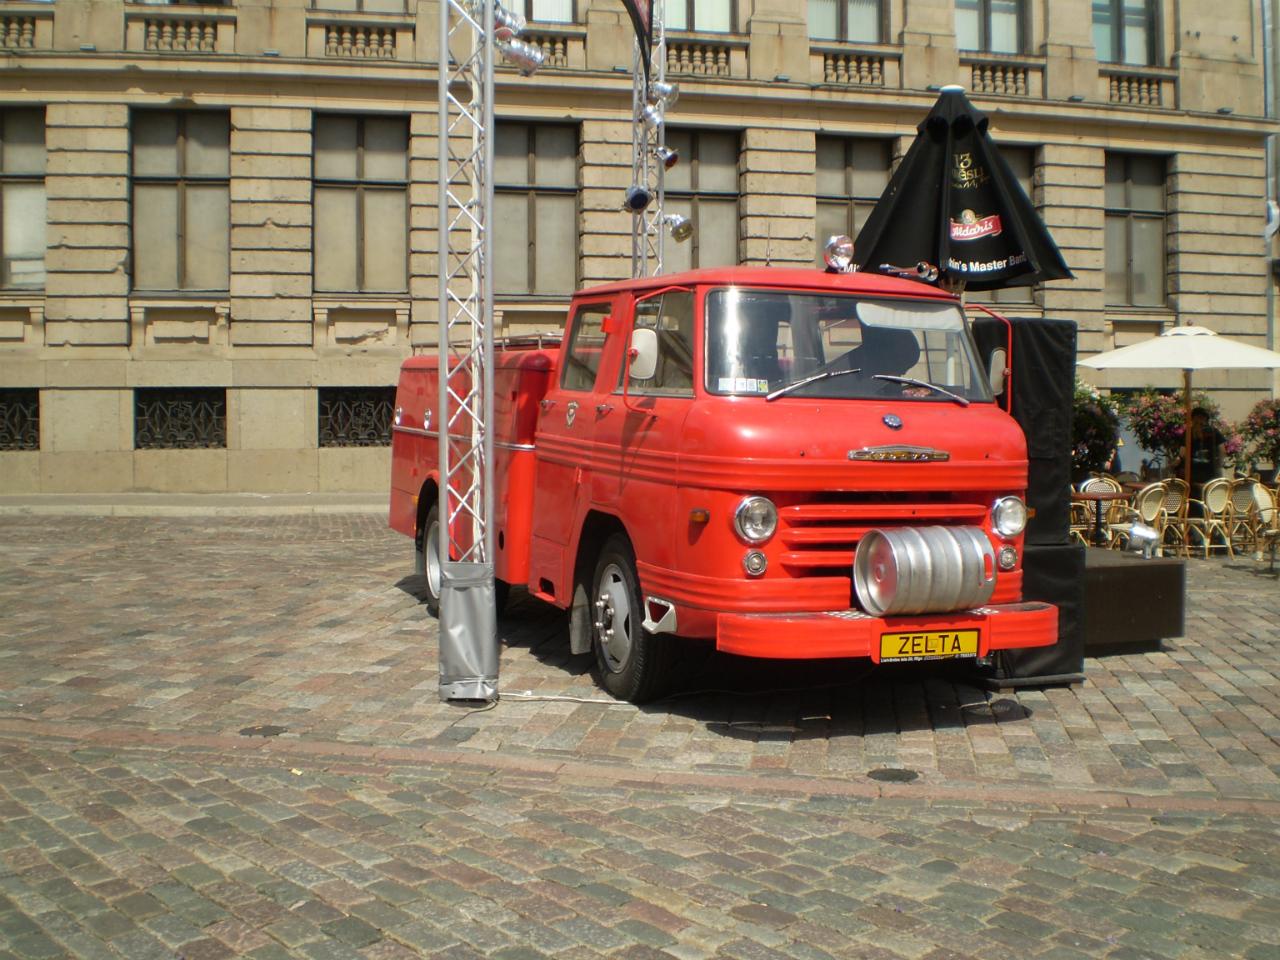 Пожарный втомобиль на шасси Volvo #ZELTA. Латвия, Рига